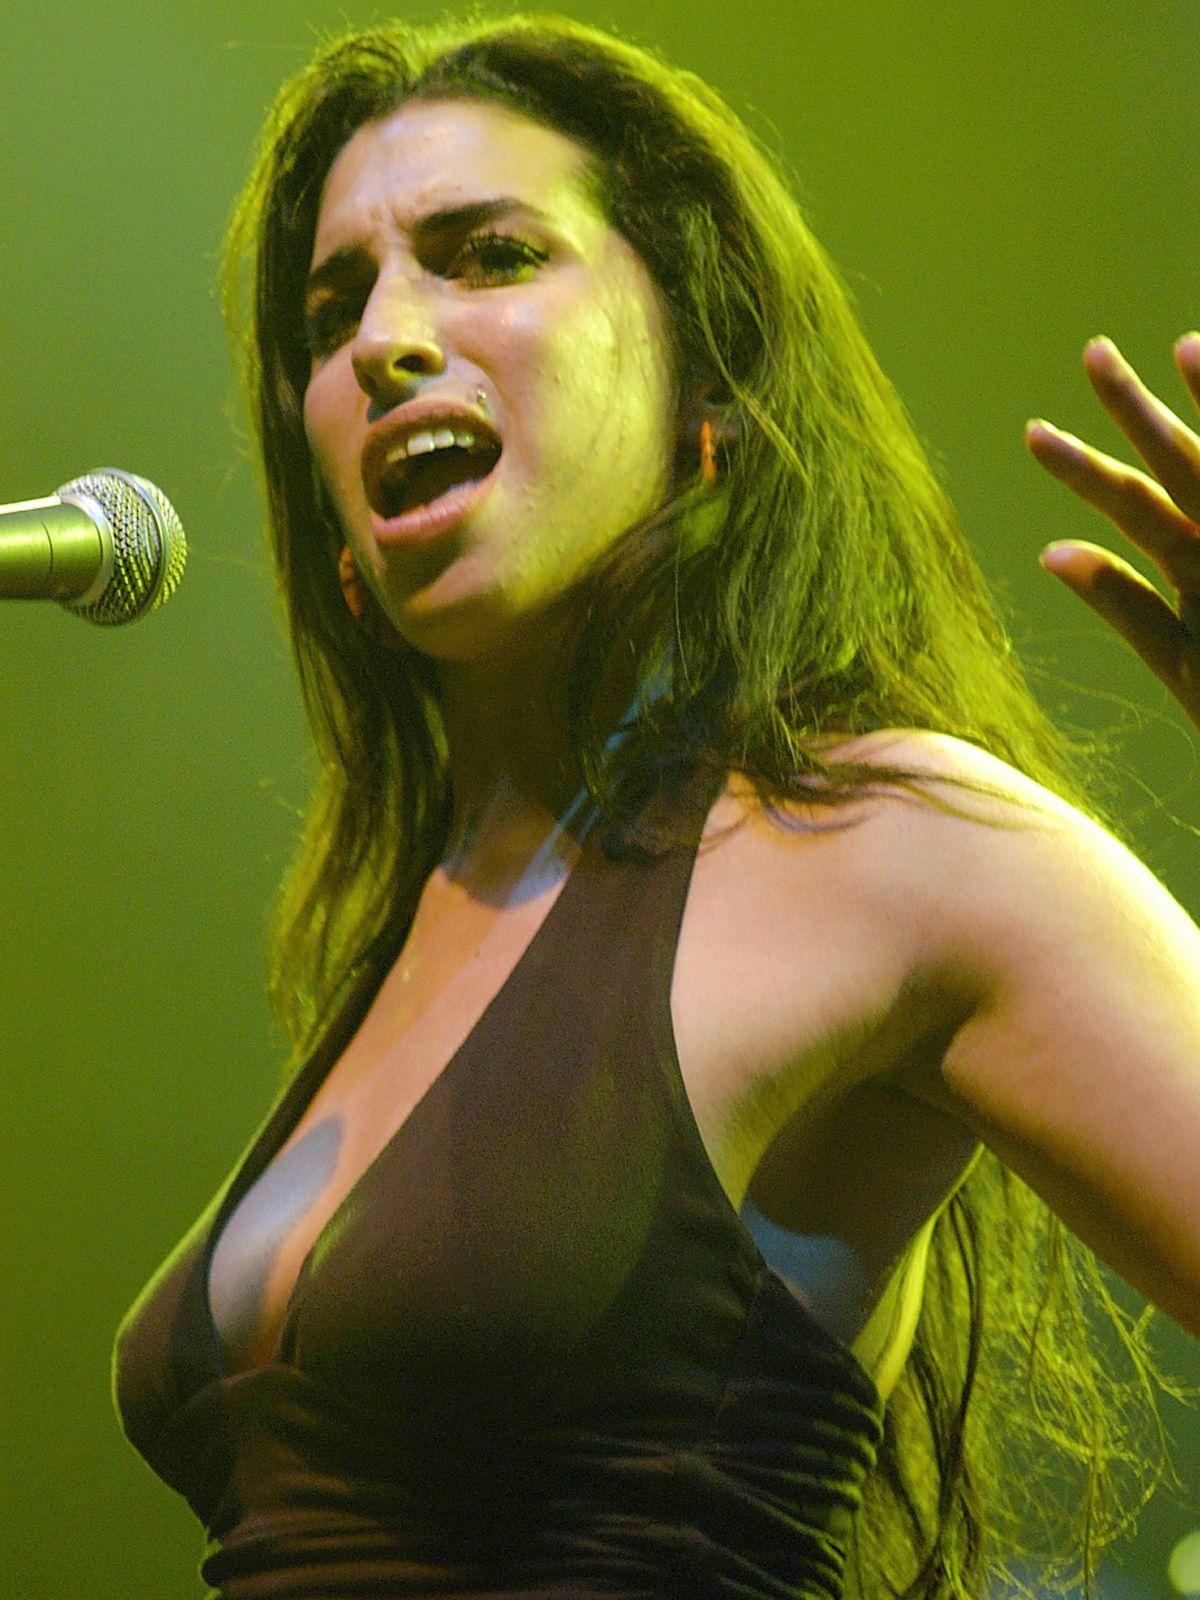 Zum 10. Todestag von Amy Winehouse